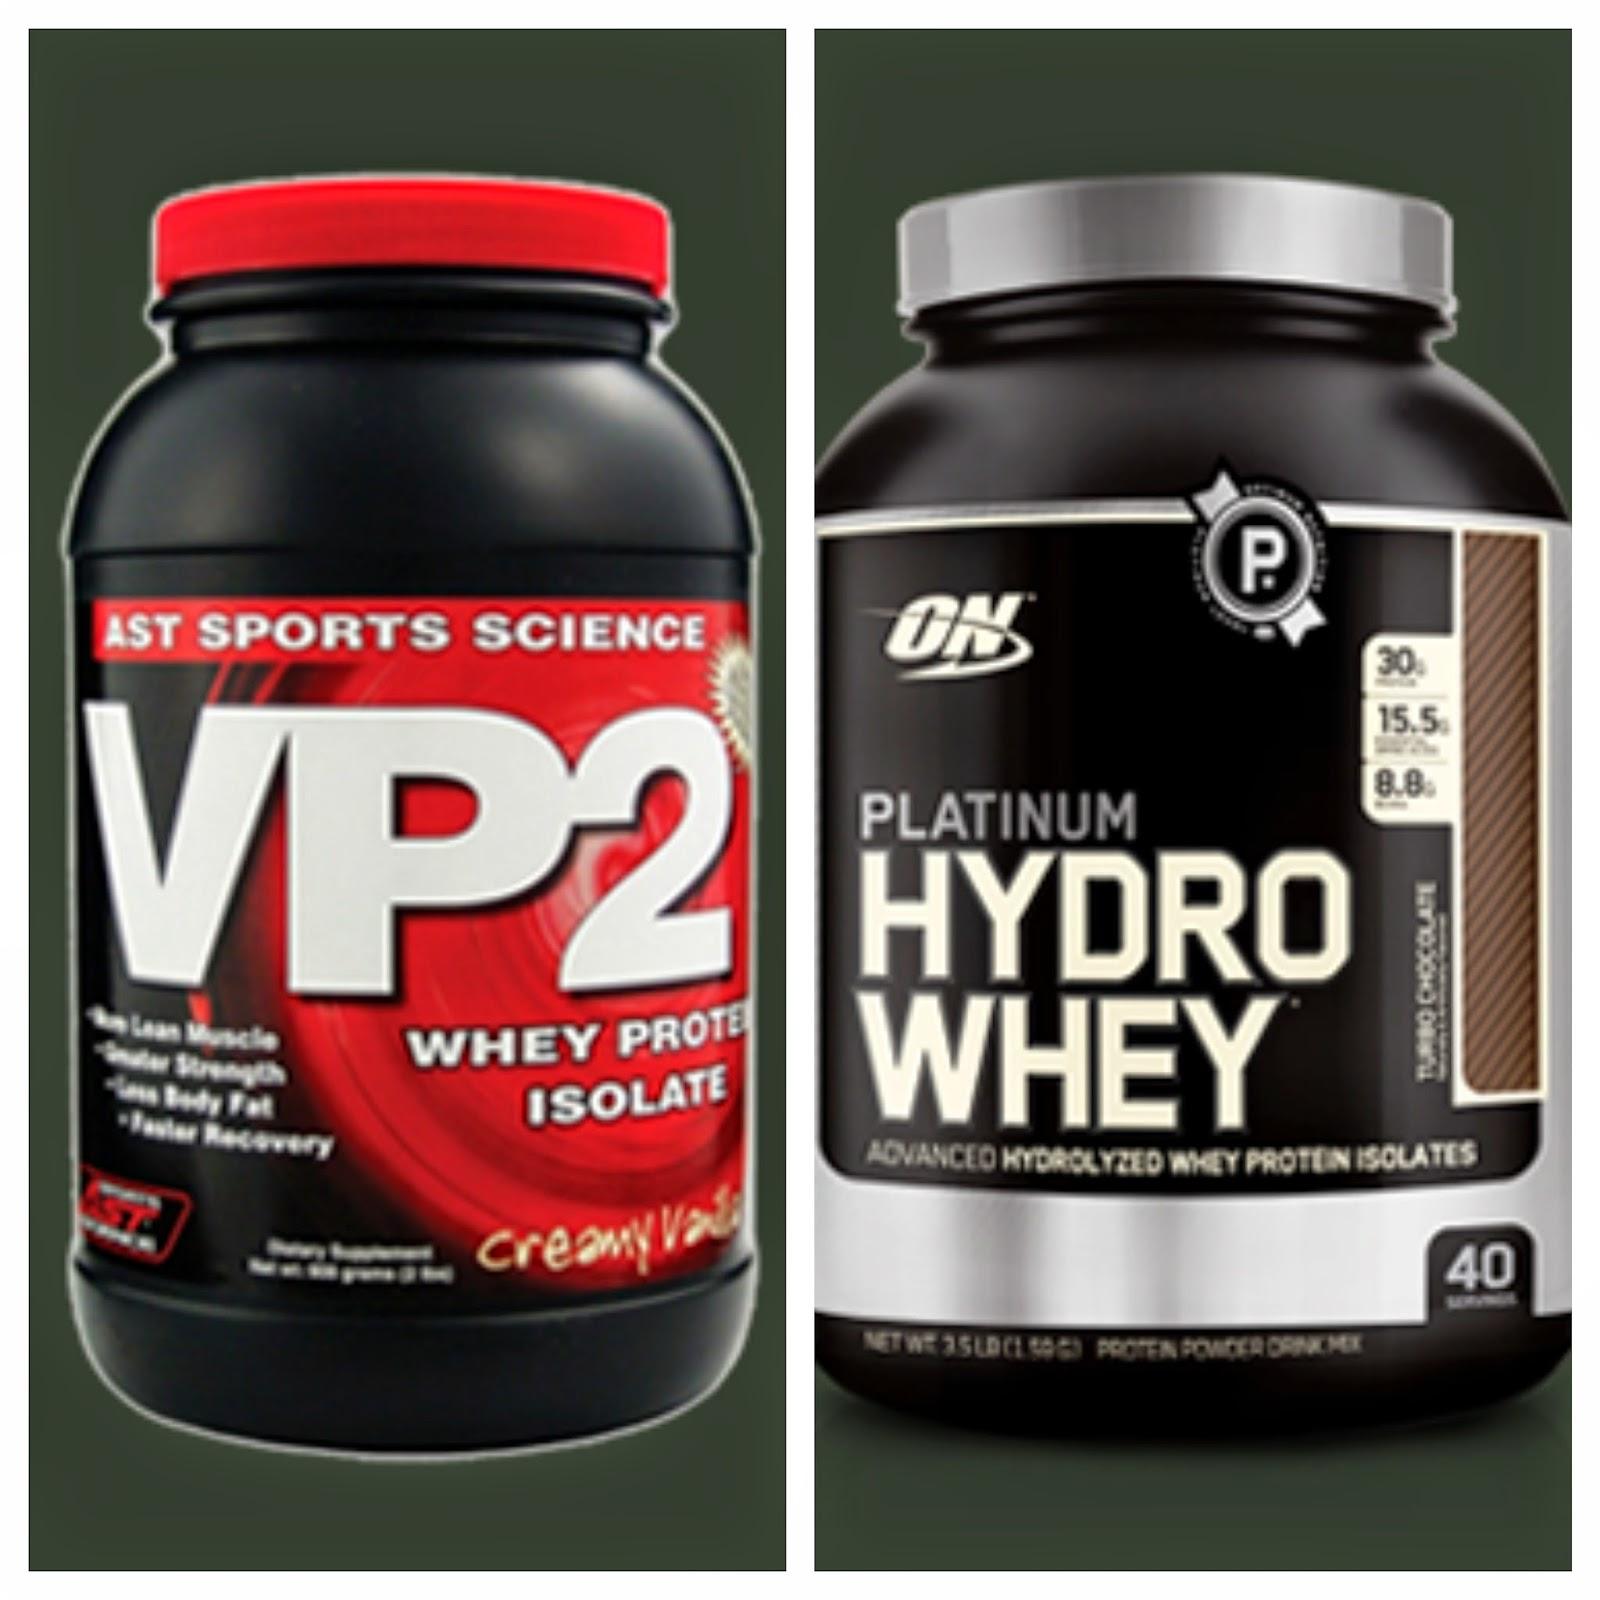 Whey protein VP2 - Hydo whey